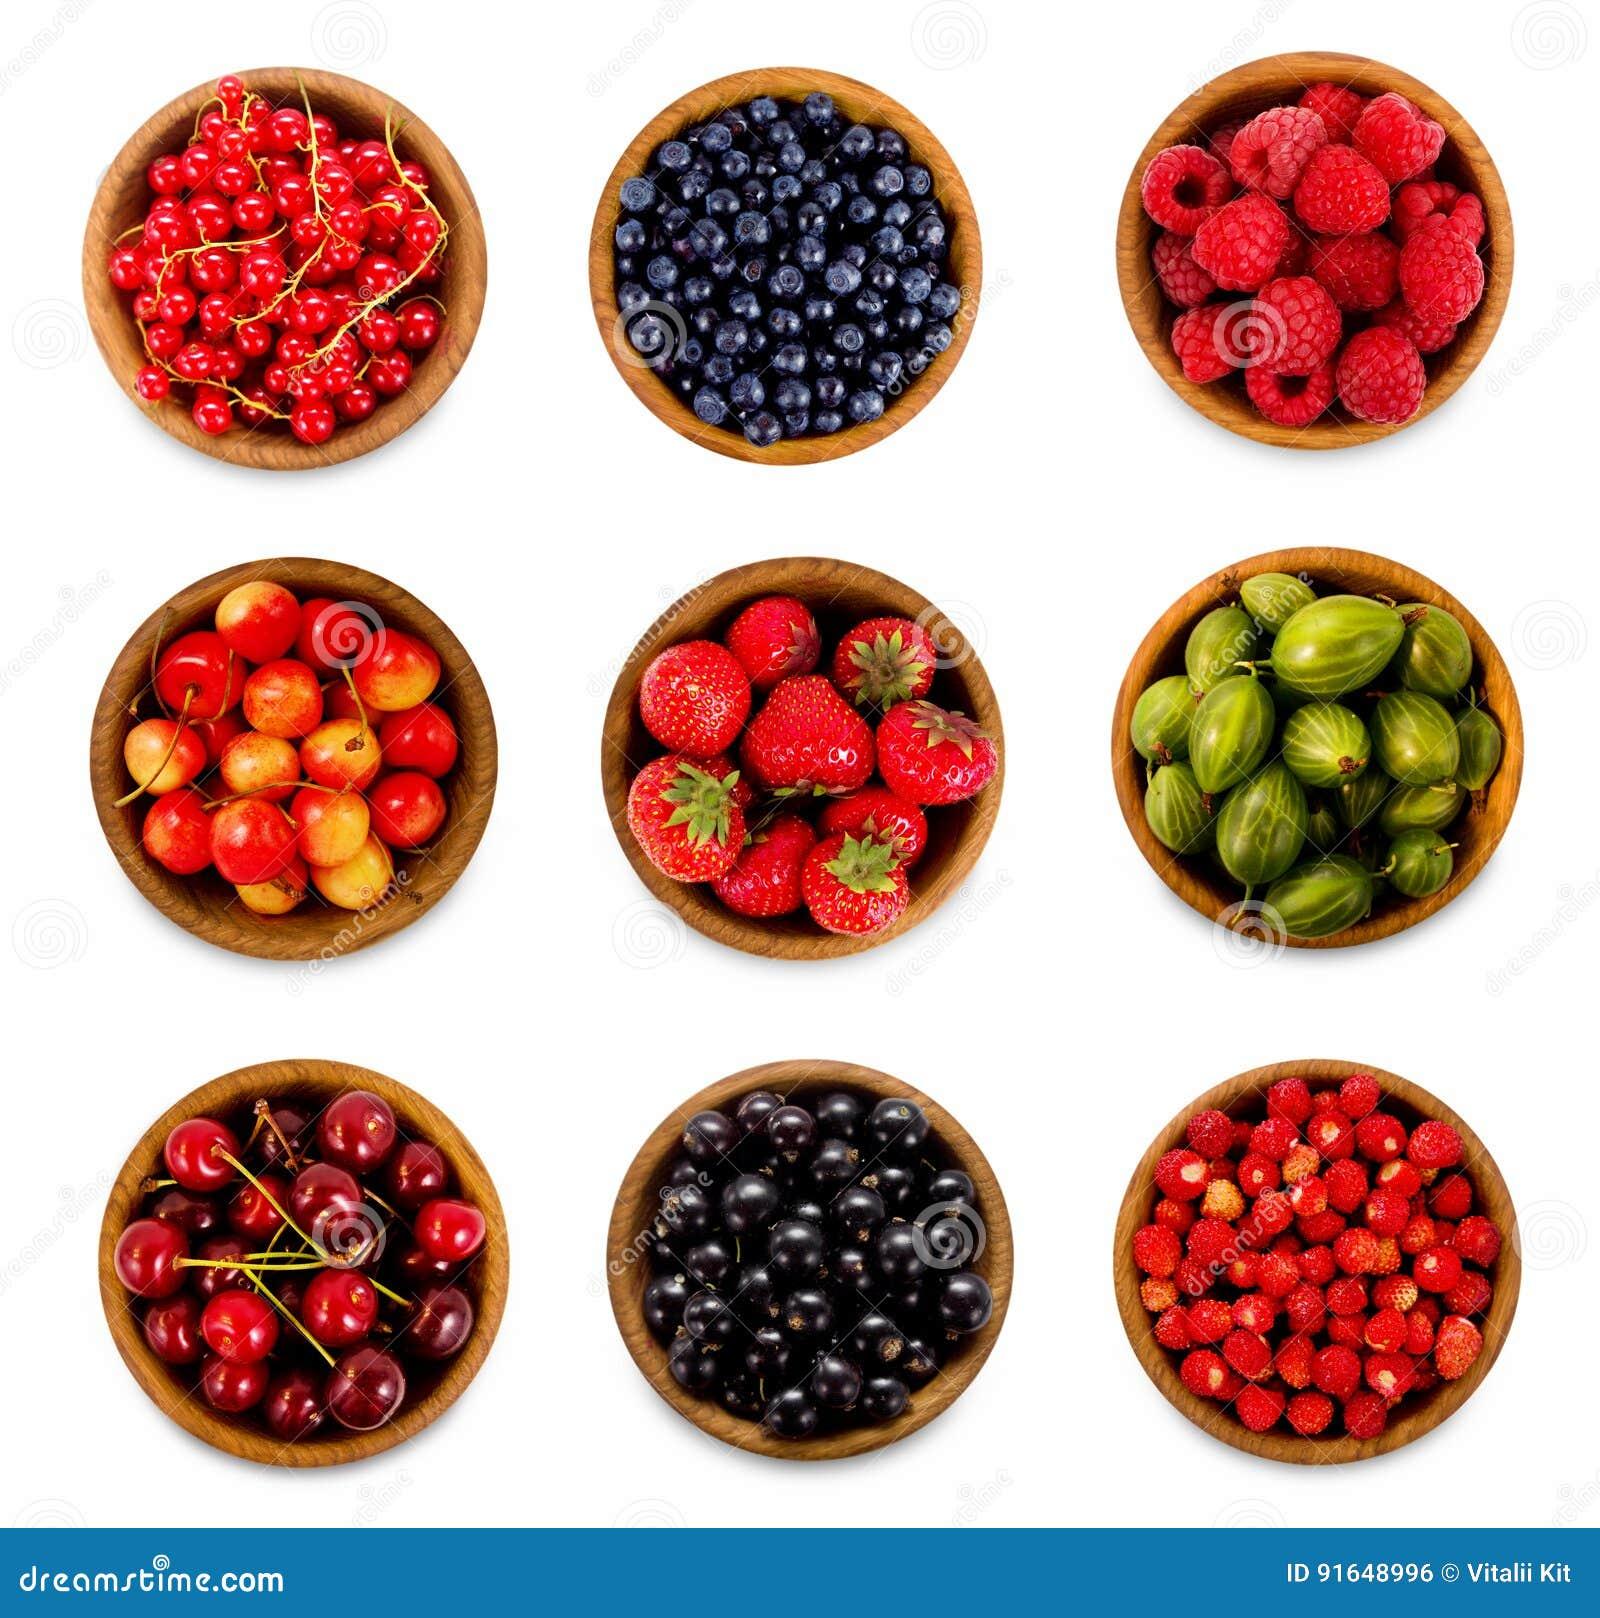 Set various berries. Strawberries, currant, cherry, raspberries, gooseberries and bilberry.